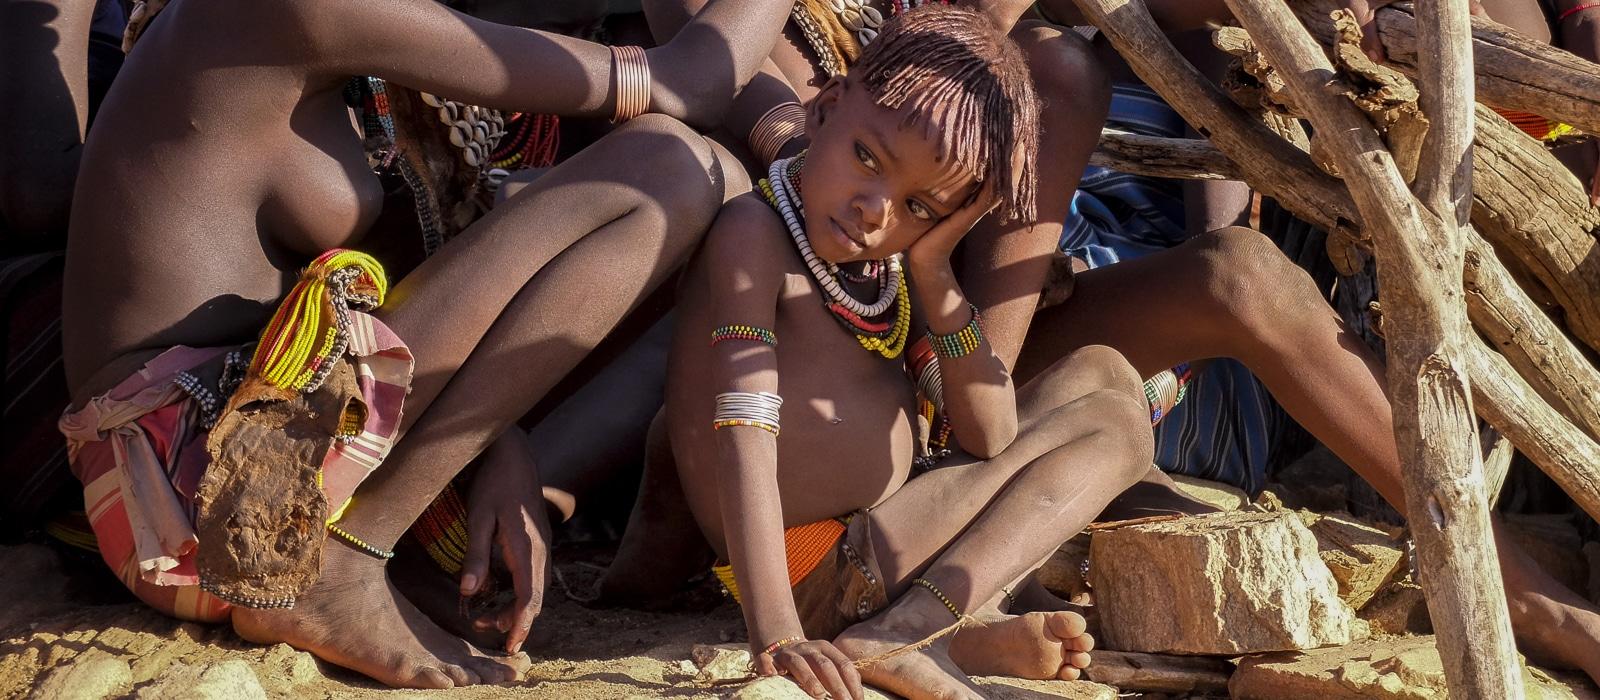 img-diapo-entete - Ethiopie-1600x700-17.jpg